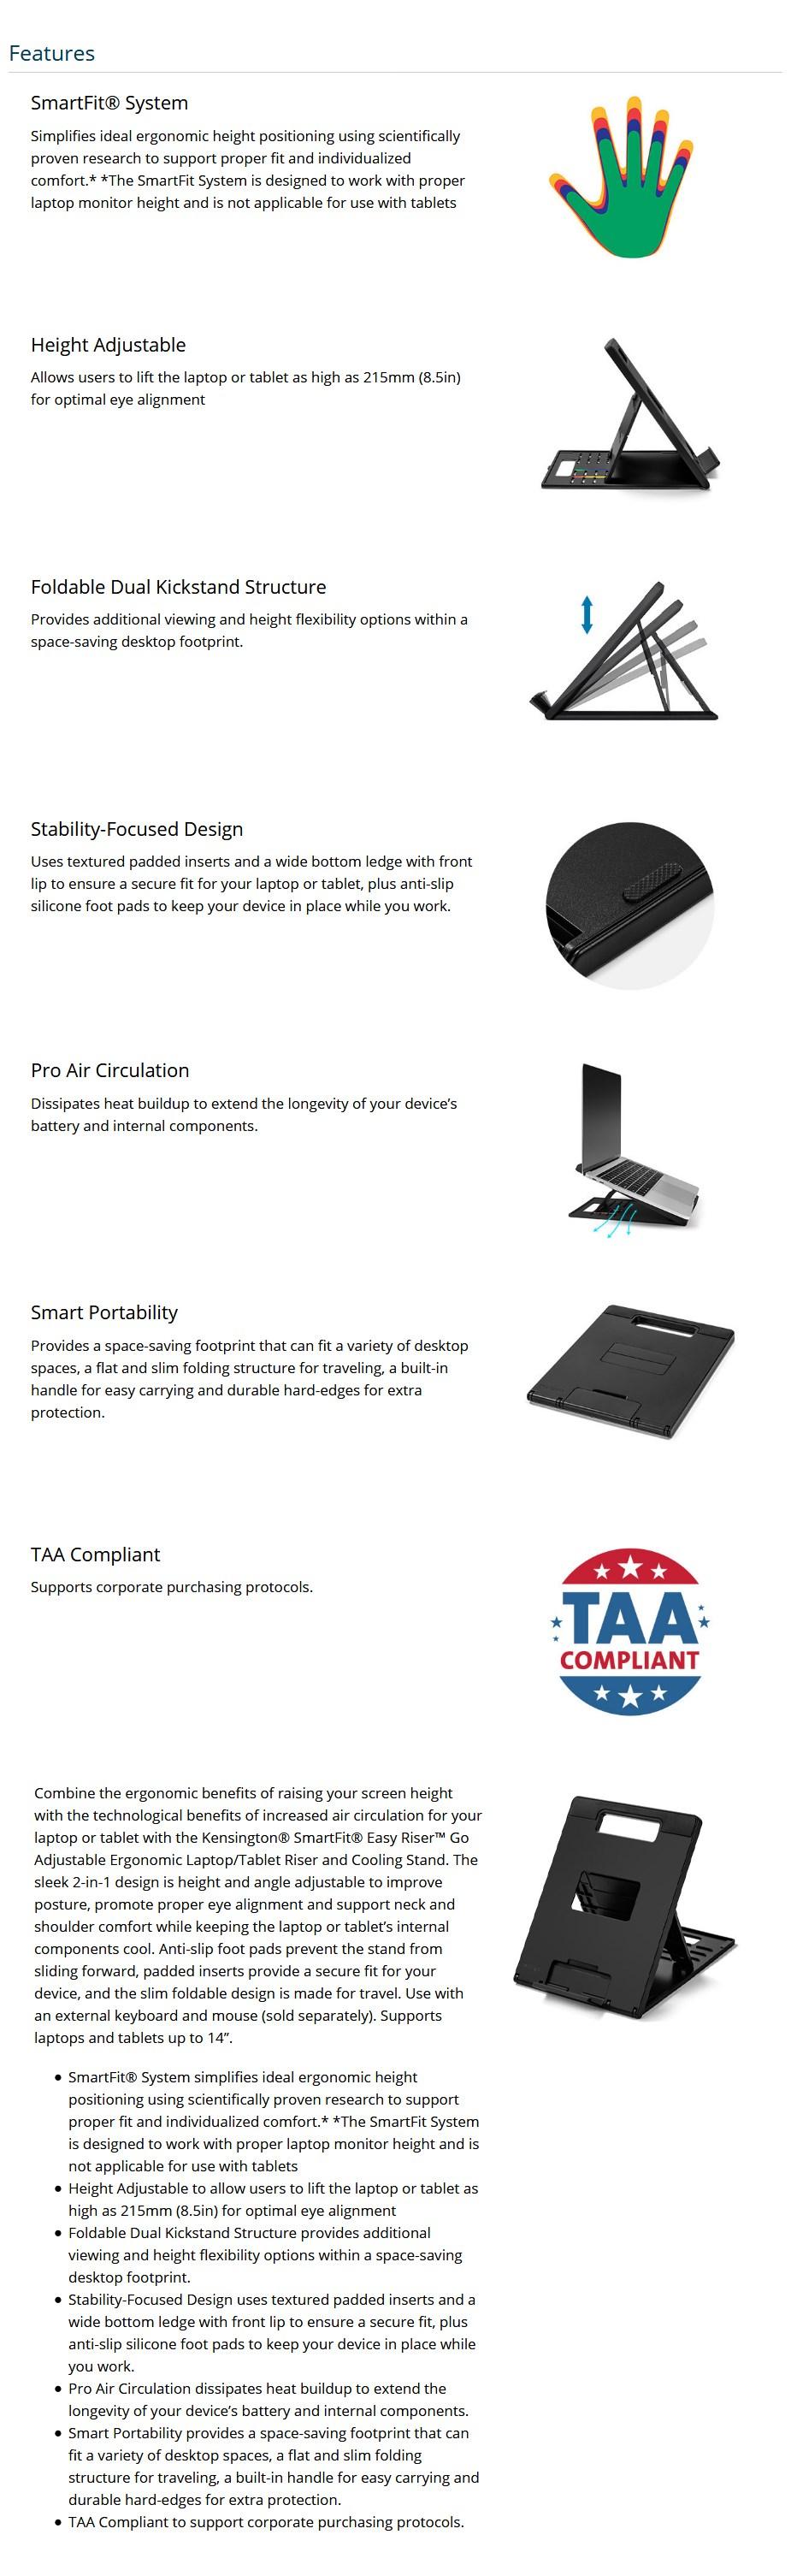 Kensington SmartFit Easy Riser Go Adjustable Cooling Stand – Black